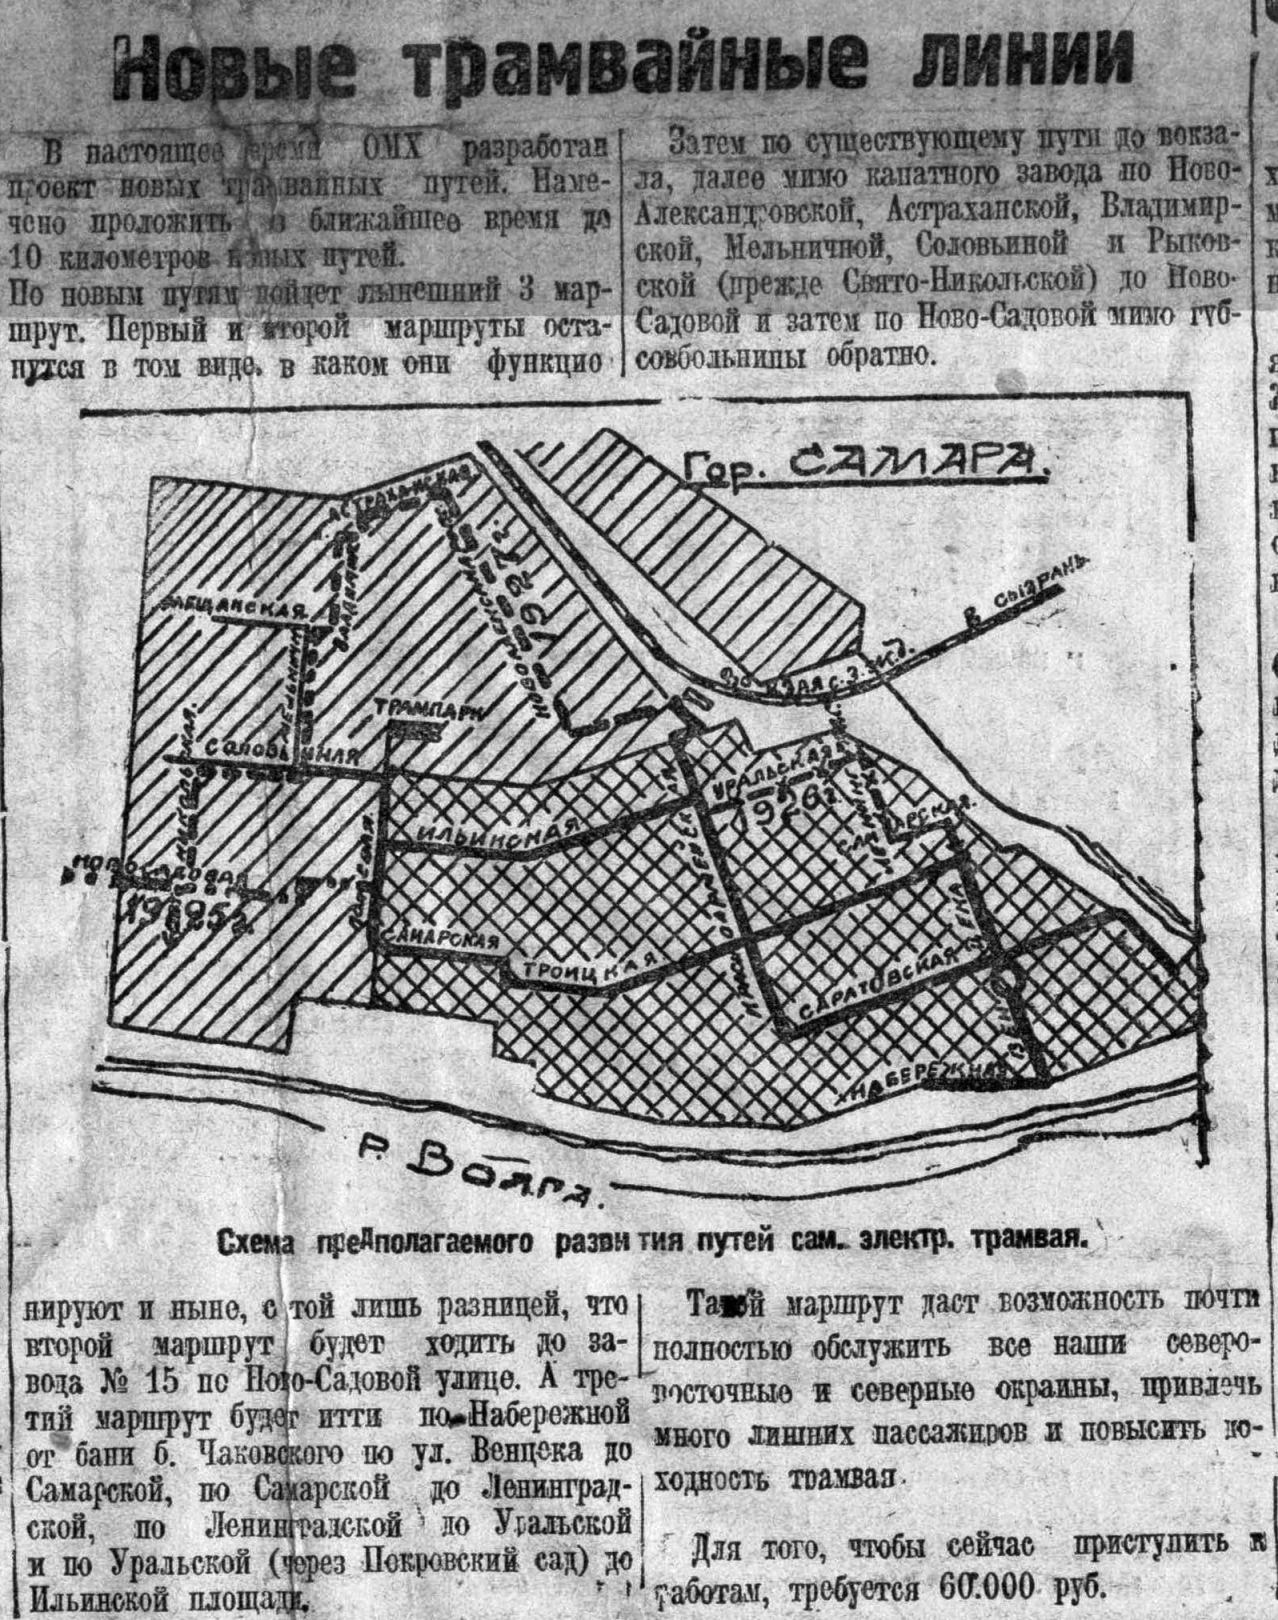 Урицкого-ФОТО-08-ВКа-1925-05-30-схема новых трамвайных линий-min